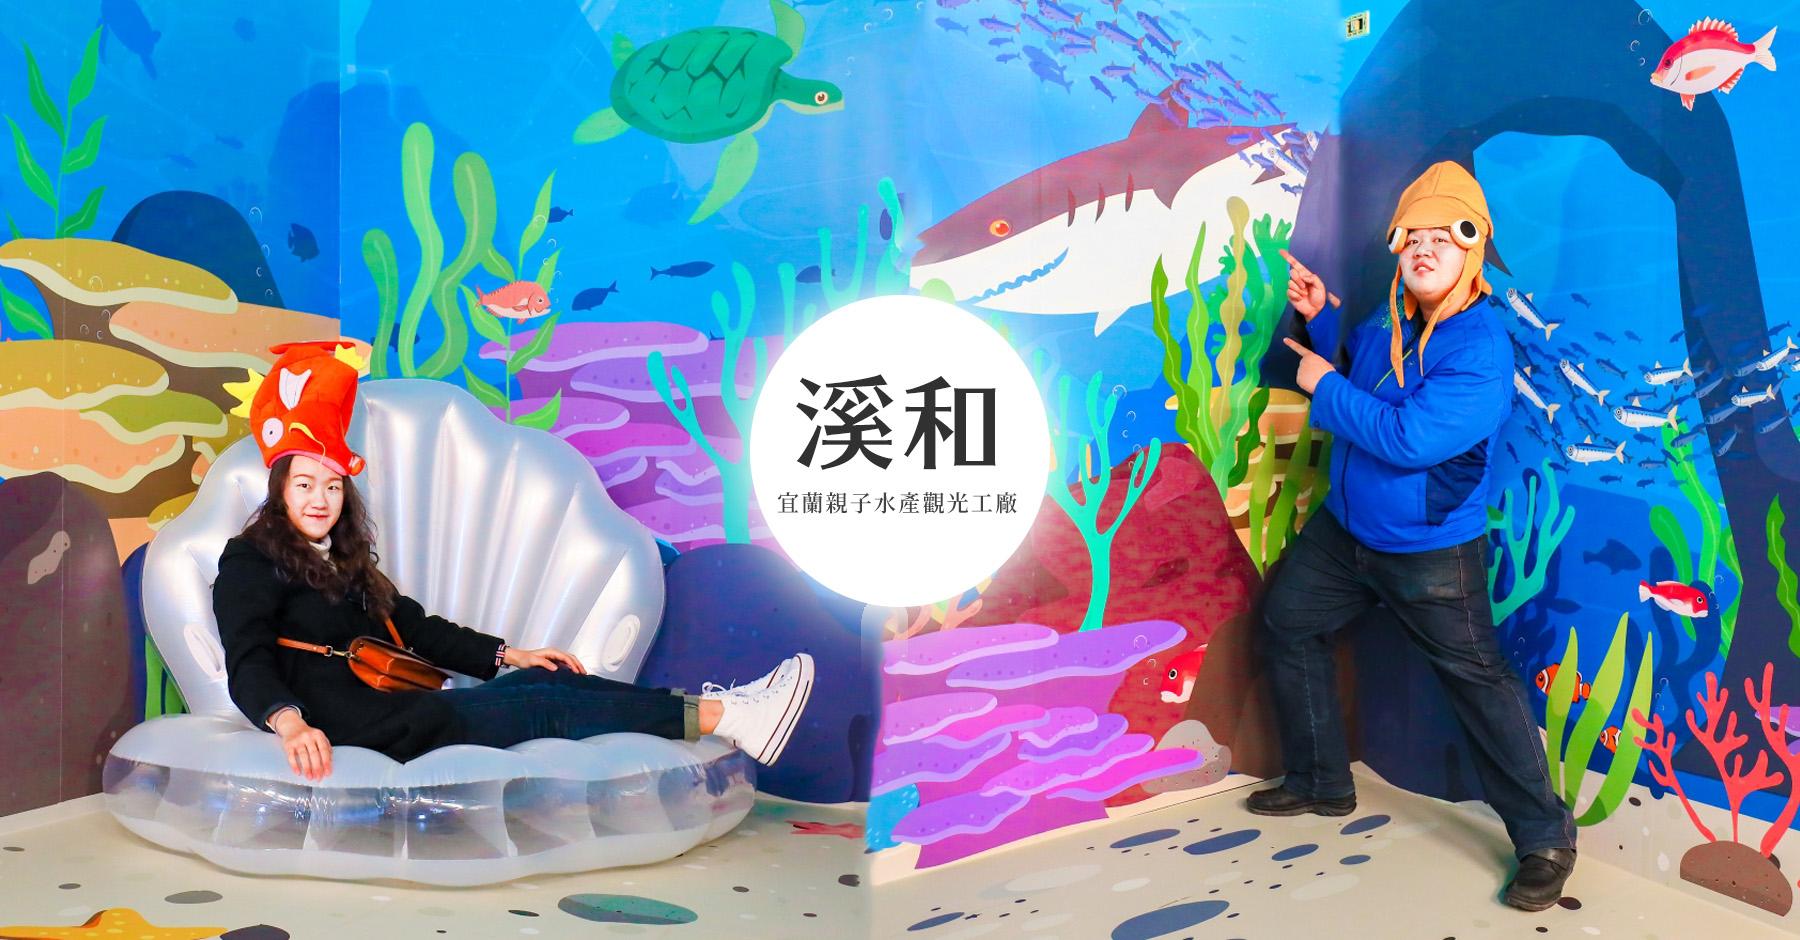 宜蘭親子景點|溪和水產觀光工廠|2021全新開幕水產漫畫主題館DIY美食海鮮爽爽吃